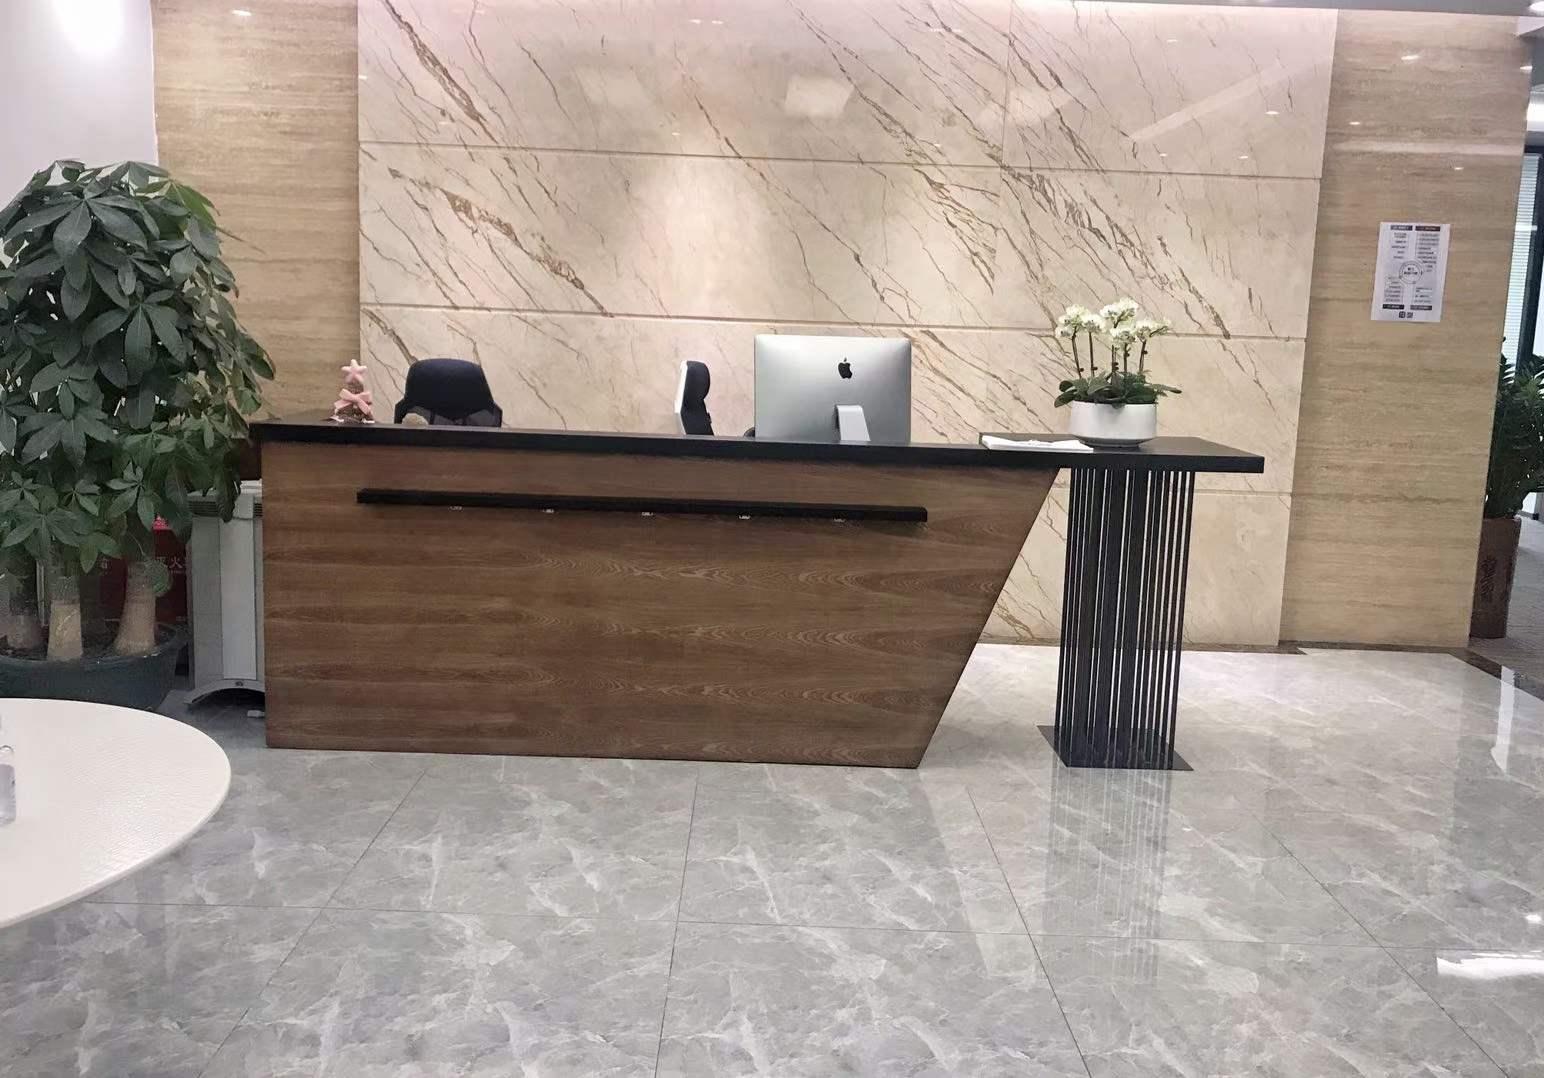 南山大冲商务中心1288豪华装修一号线高新园地铁口零距离交通便利生活配套完善